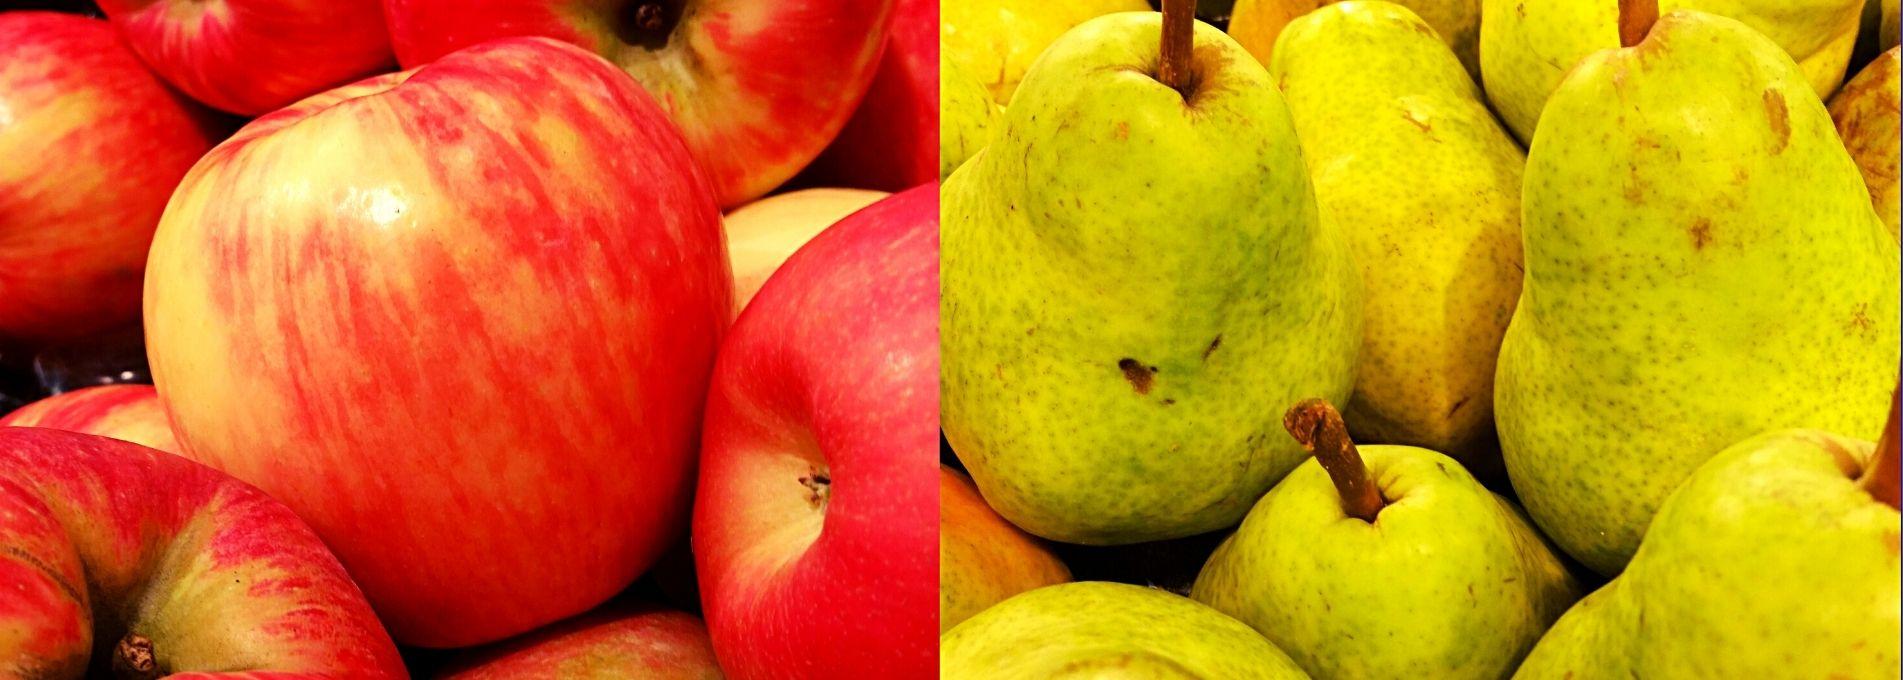 Pommes et poires : des variétés qui éveillent la curiosité !